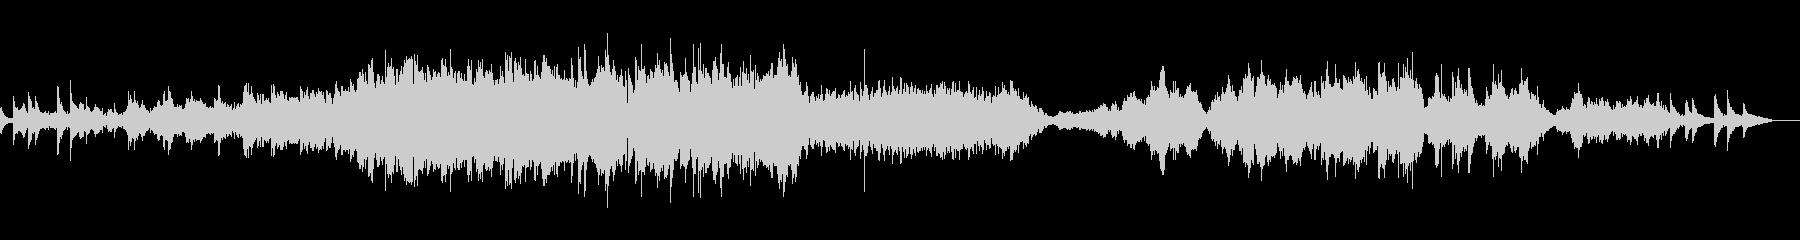 弦楽器メインのバラードの未再生の波形